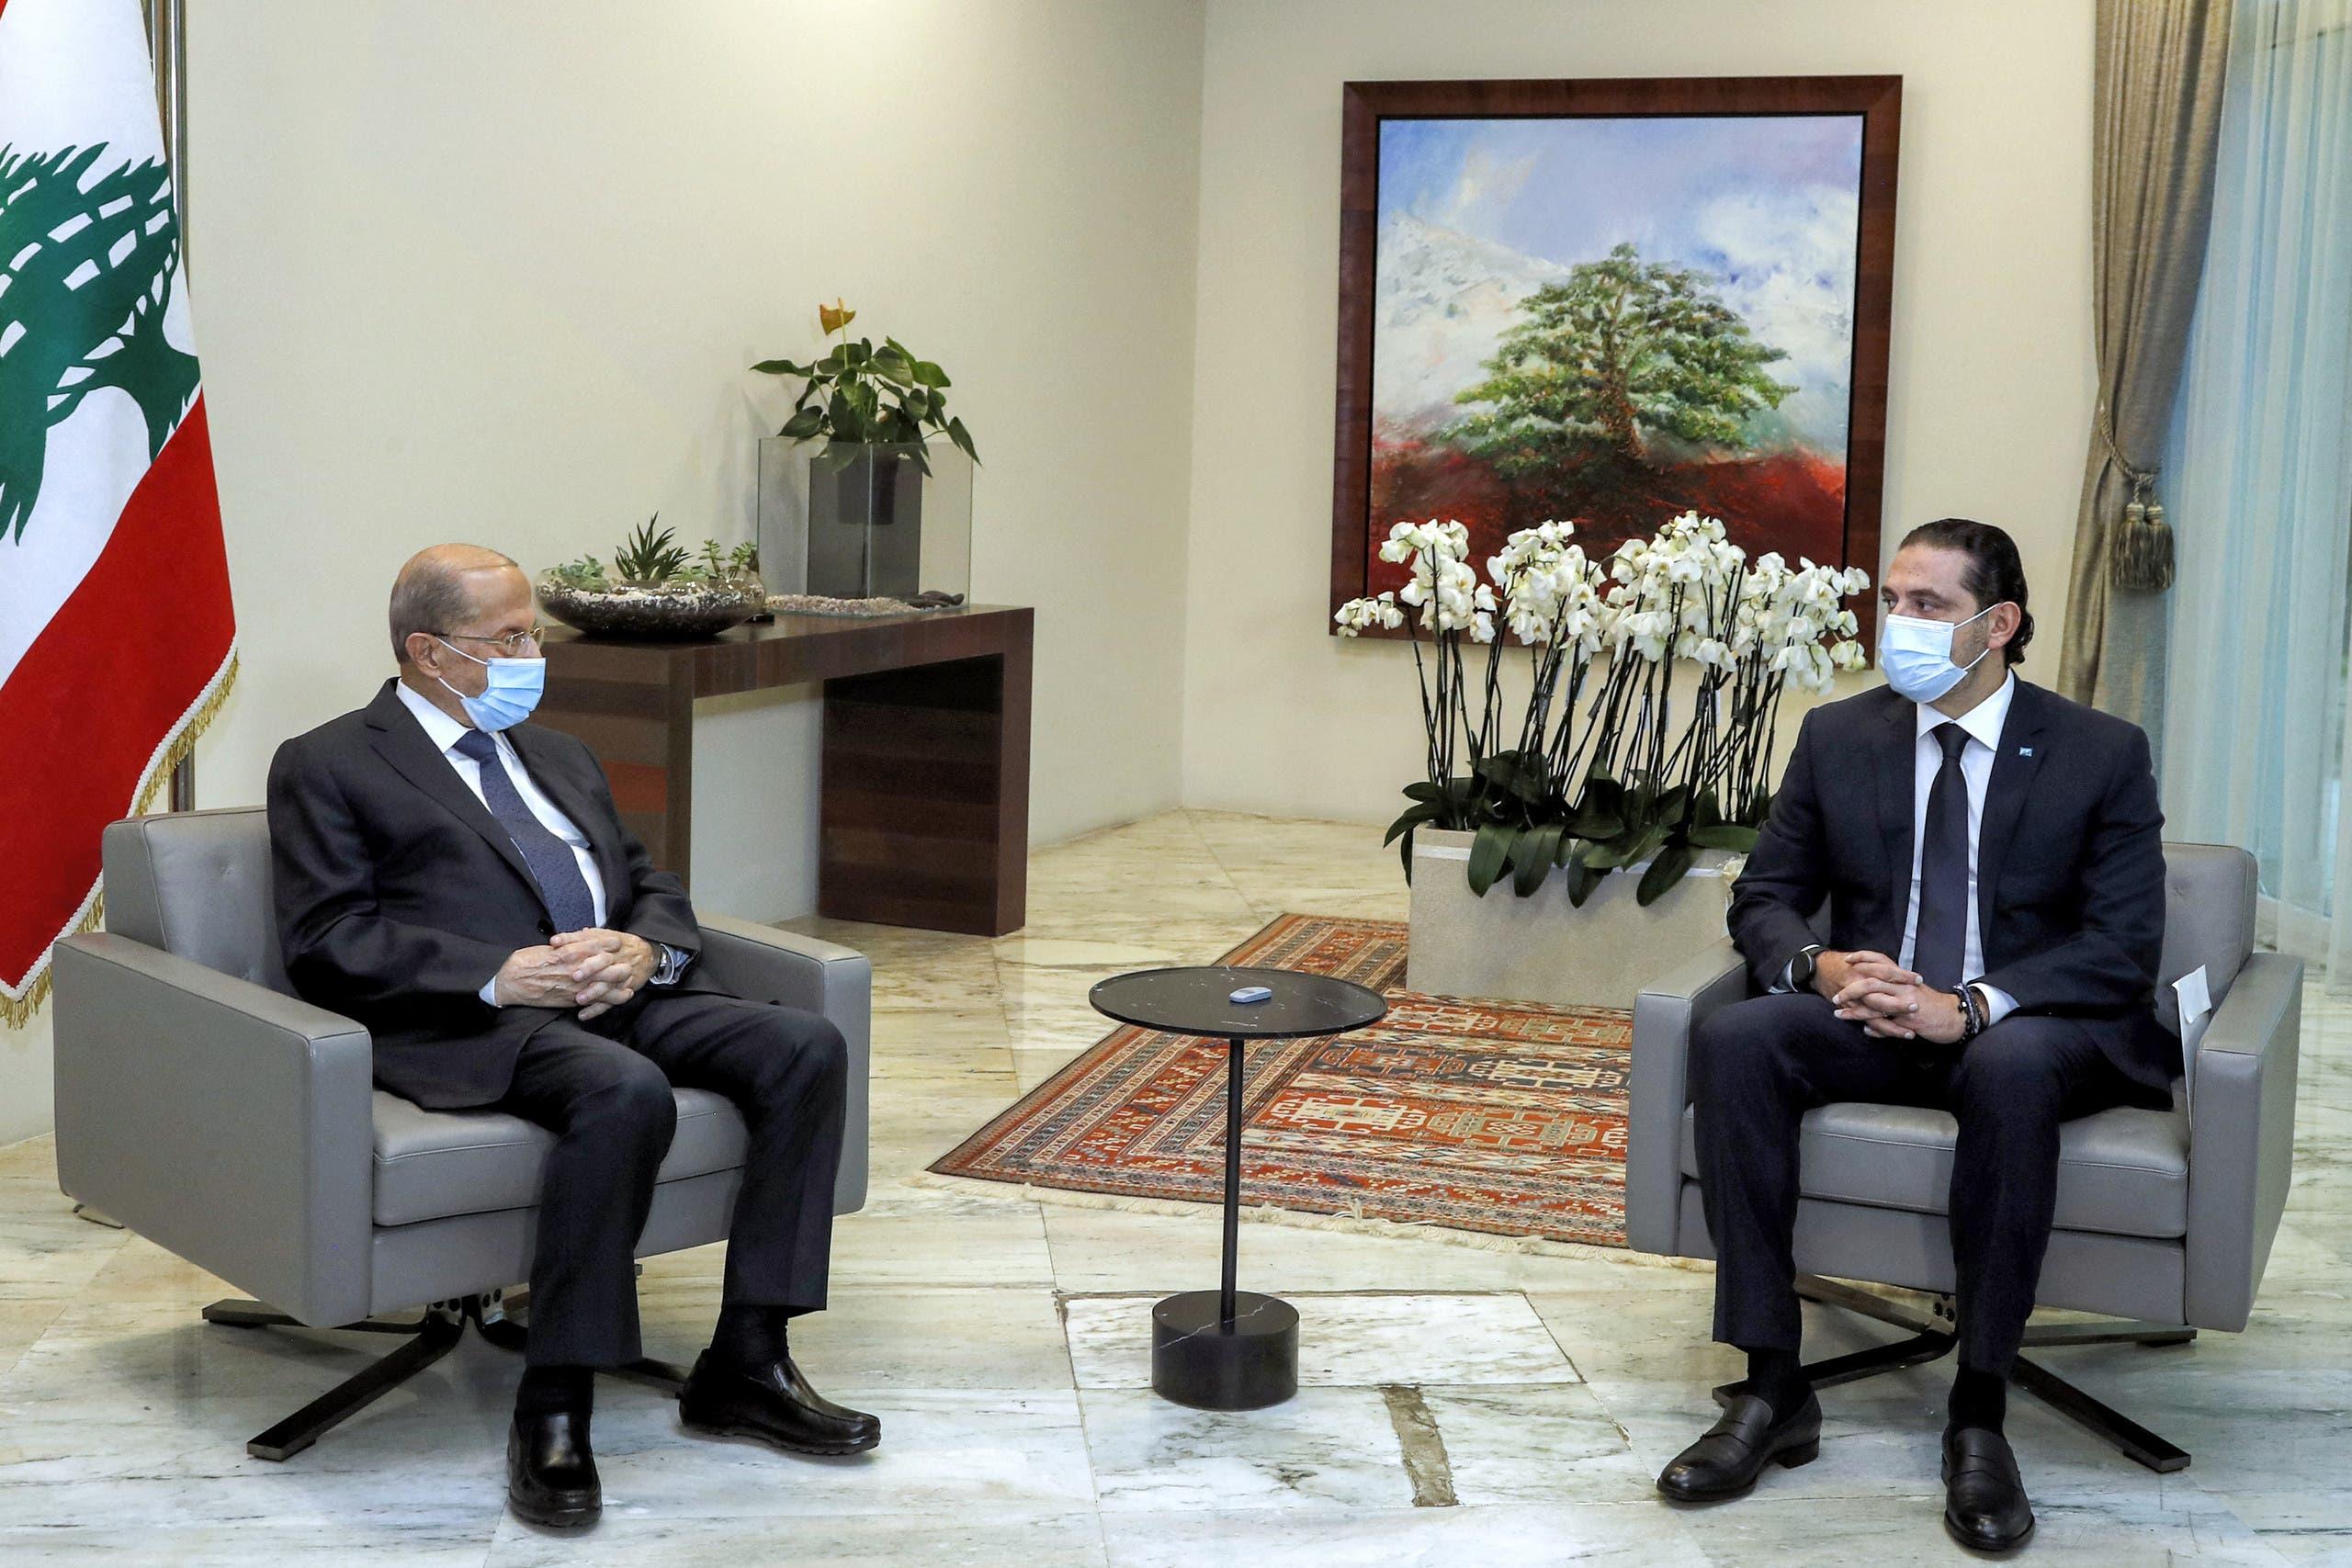 عون استقبل الحريري في قصر بعبدا في مارس الماضي